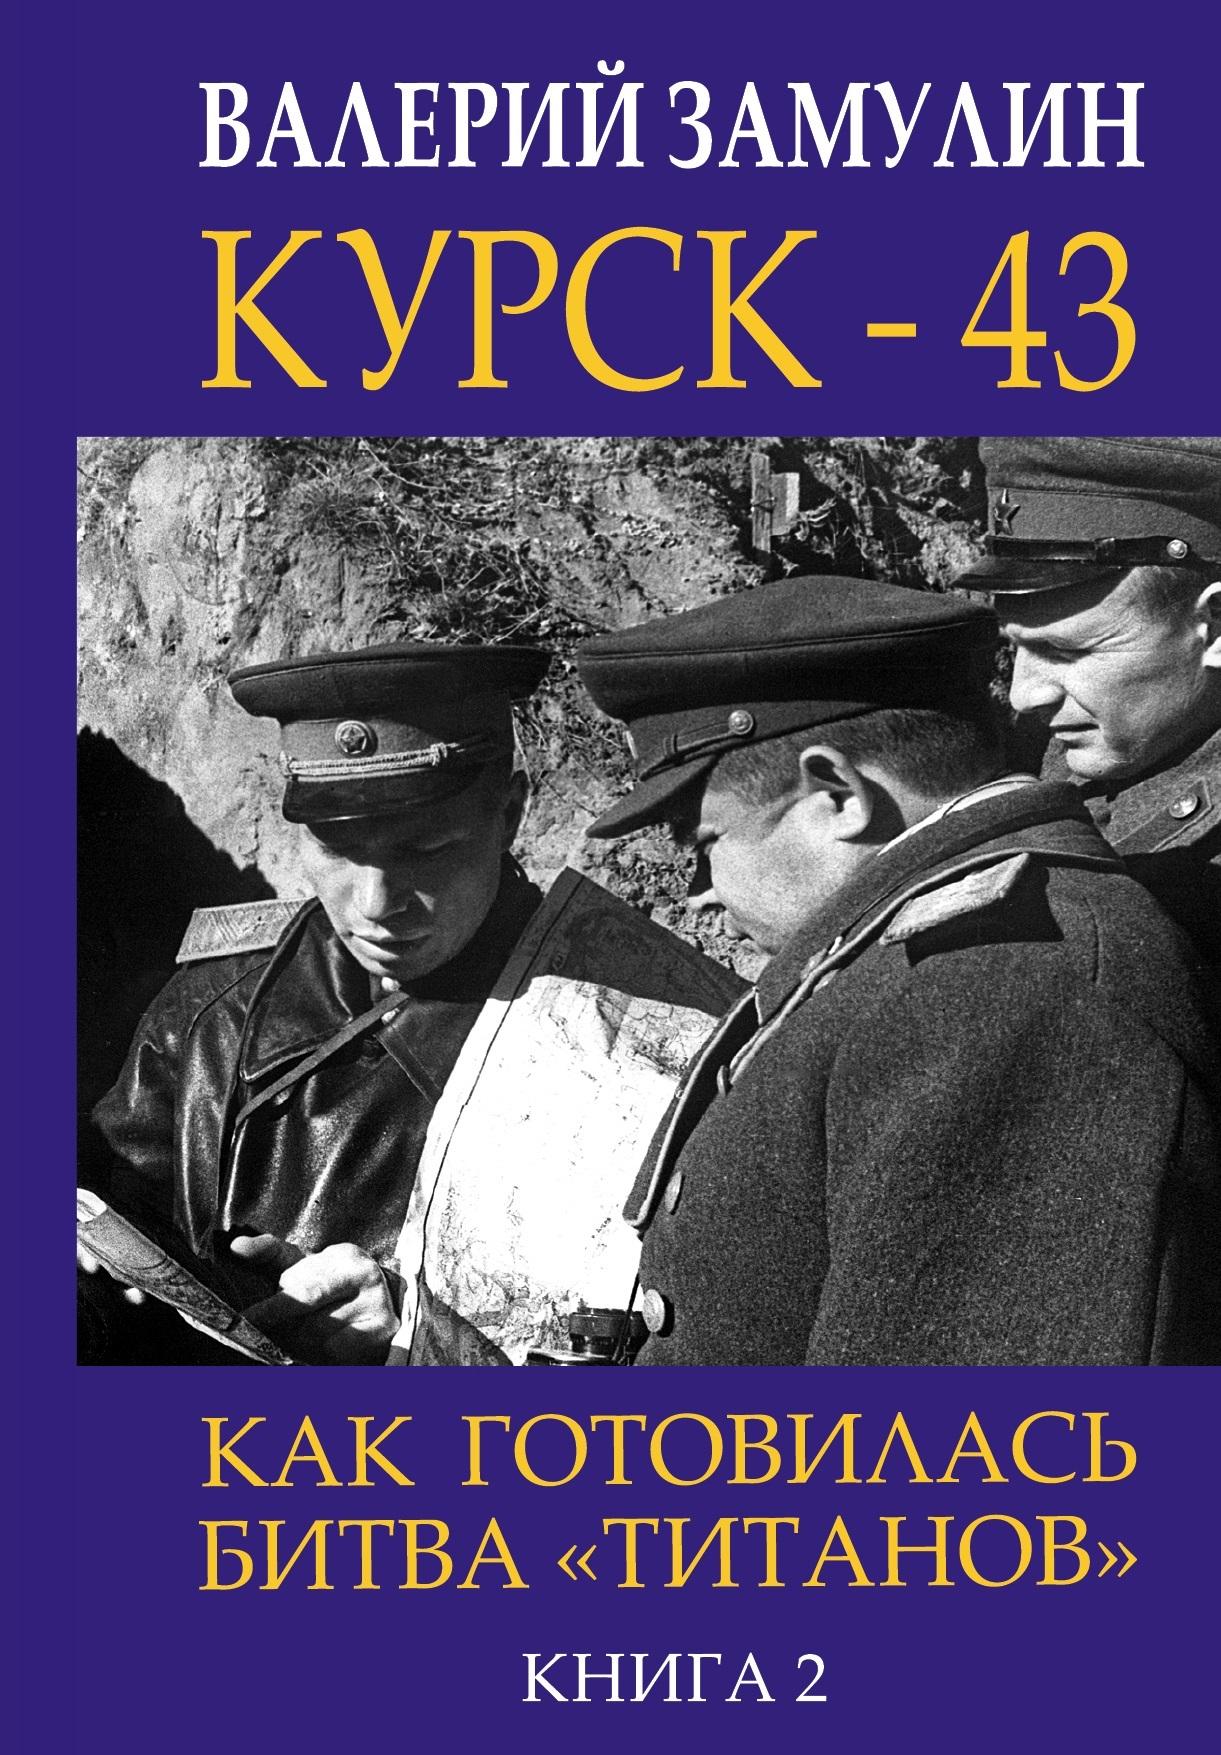 купить Замулин В.Н. Курск - 43. Как готовилась битва «титанов». Книга 2 по цене 680 рублей